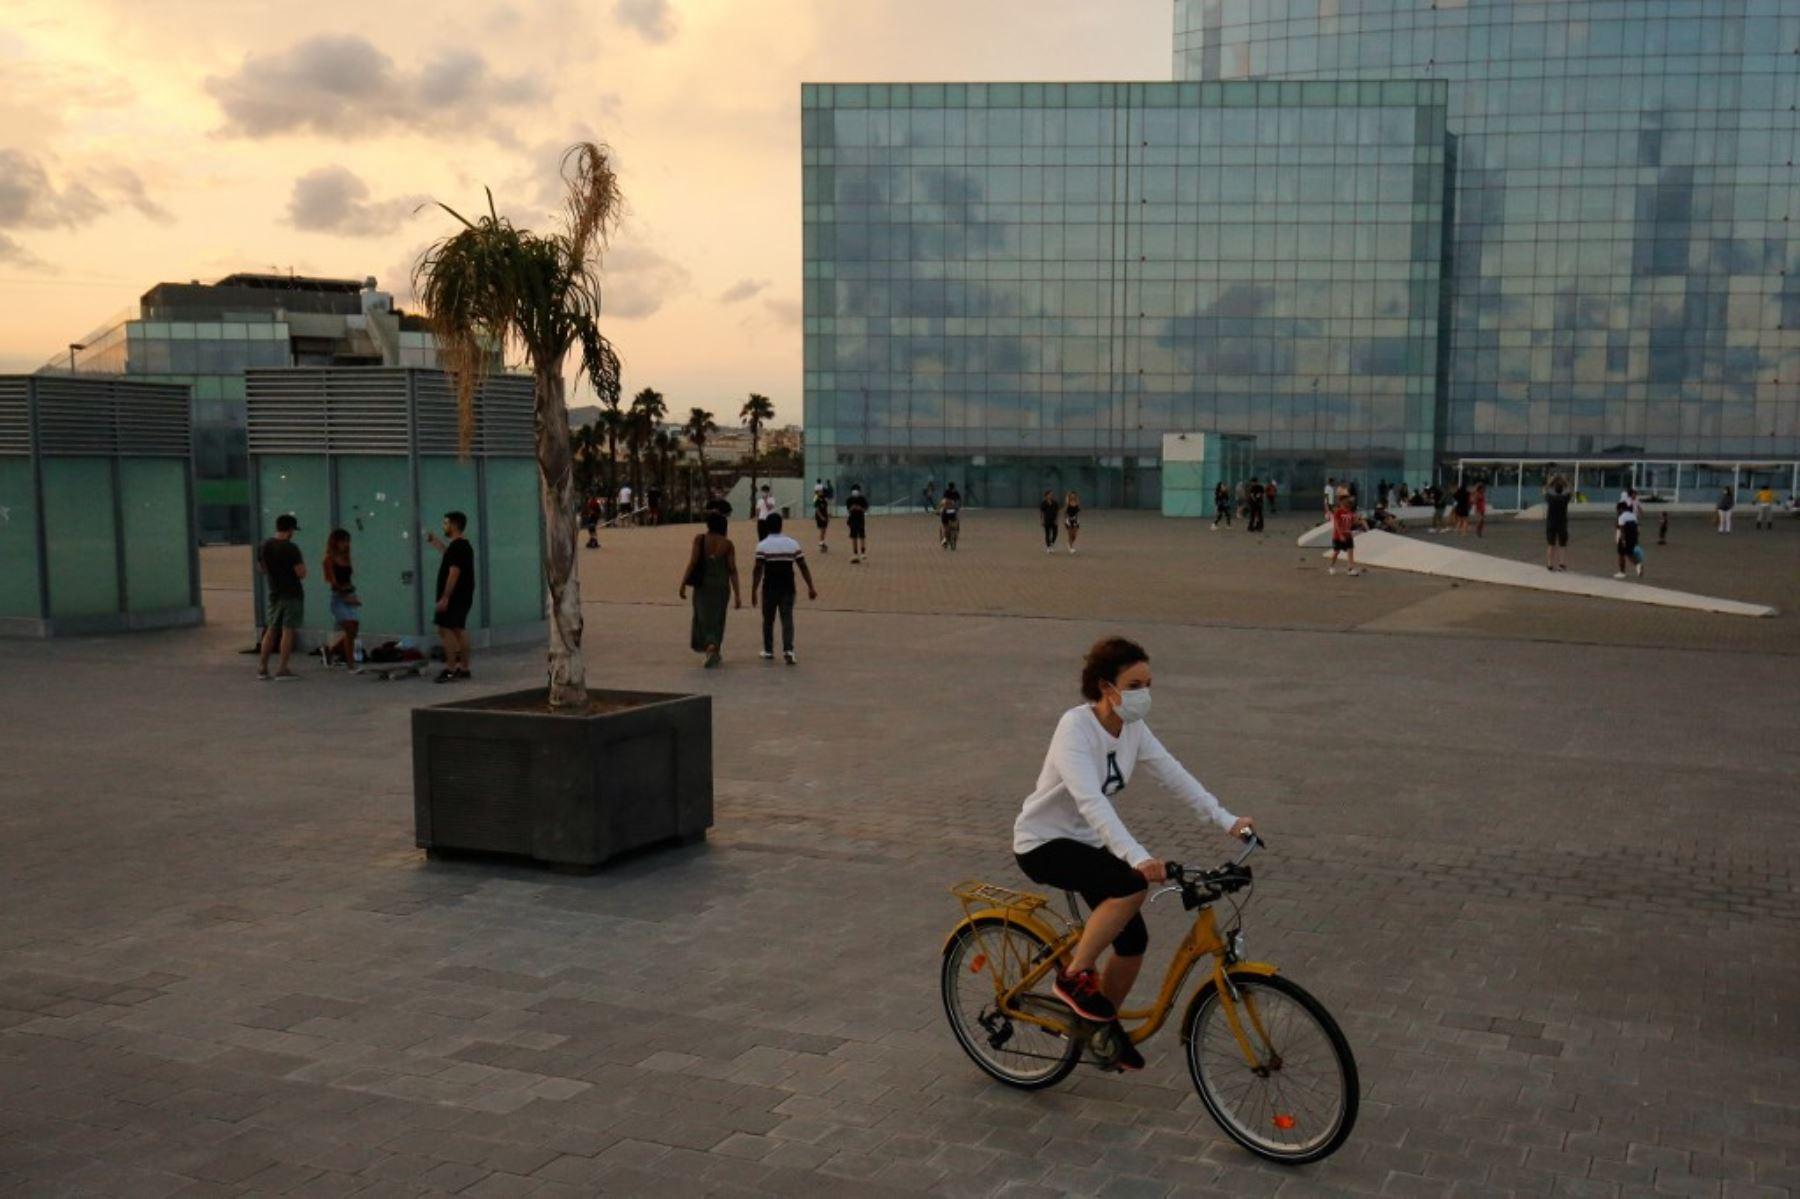 Una mujer monta una bicicleta en el paseo marítimo de la playa de la Barceloneta en Barcelona. Foto: AFP